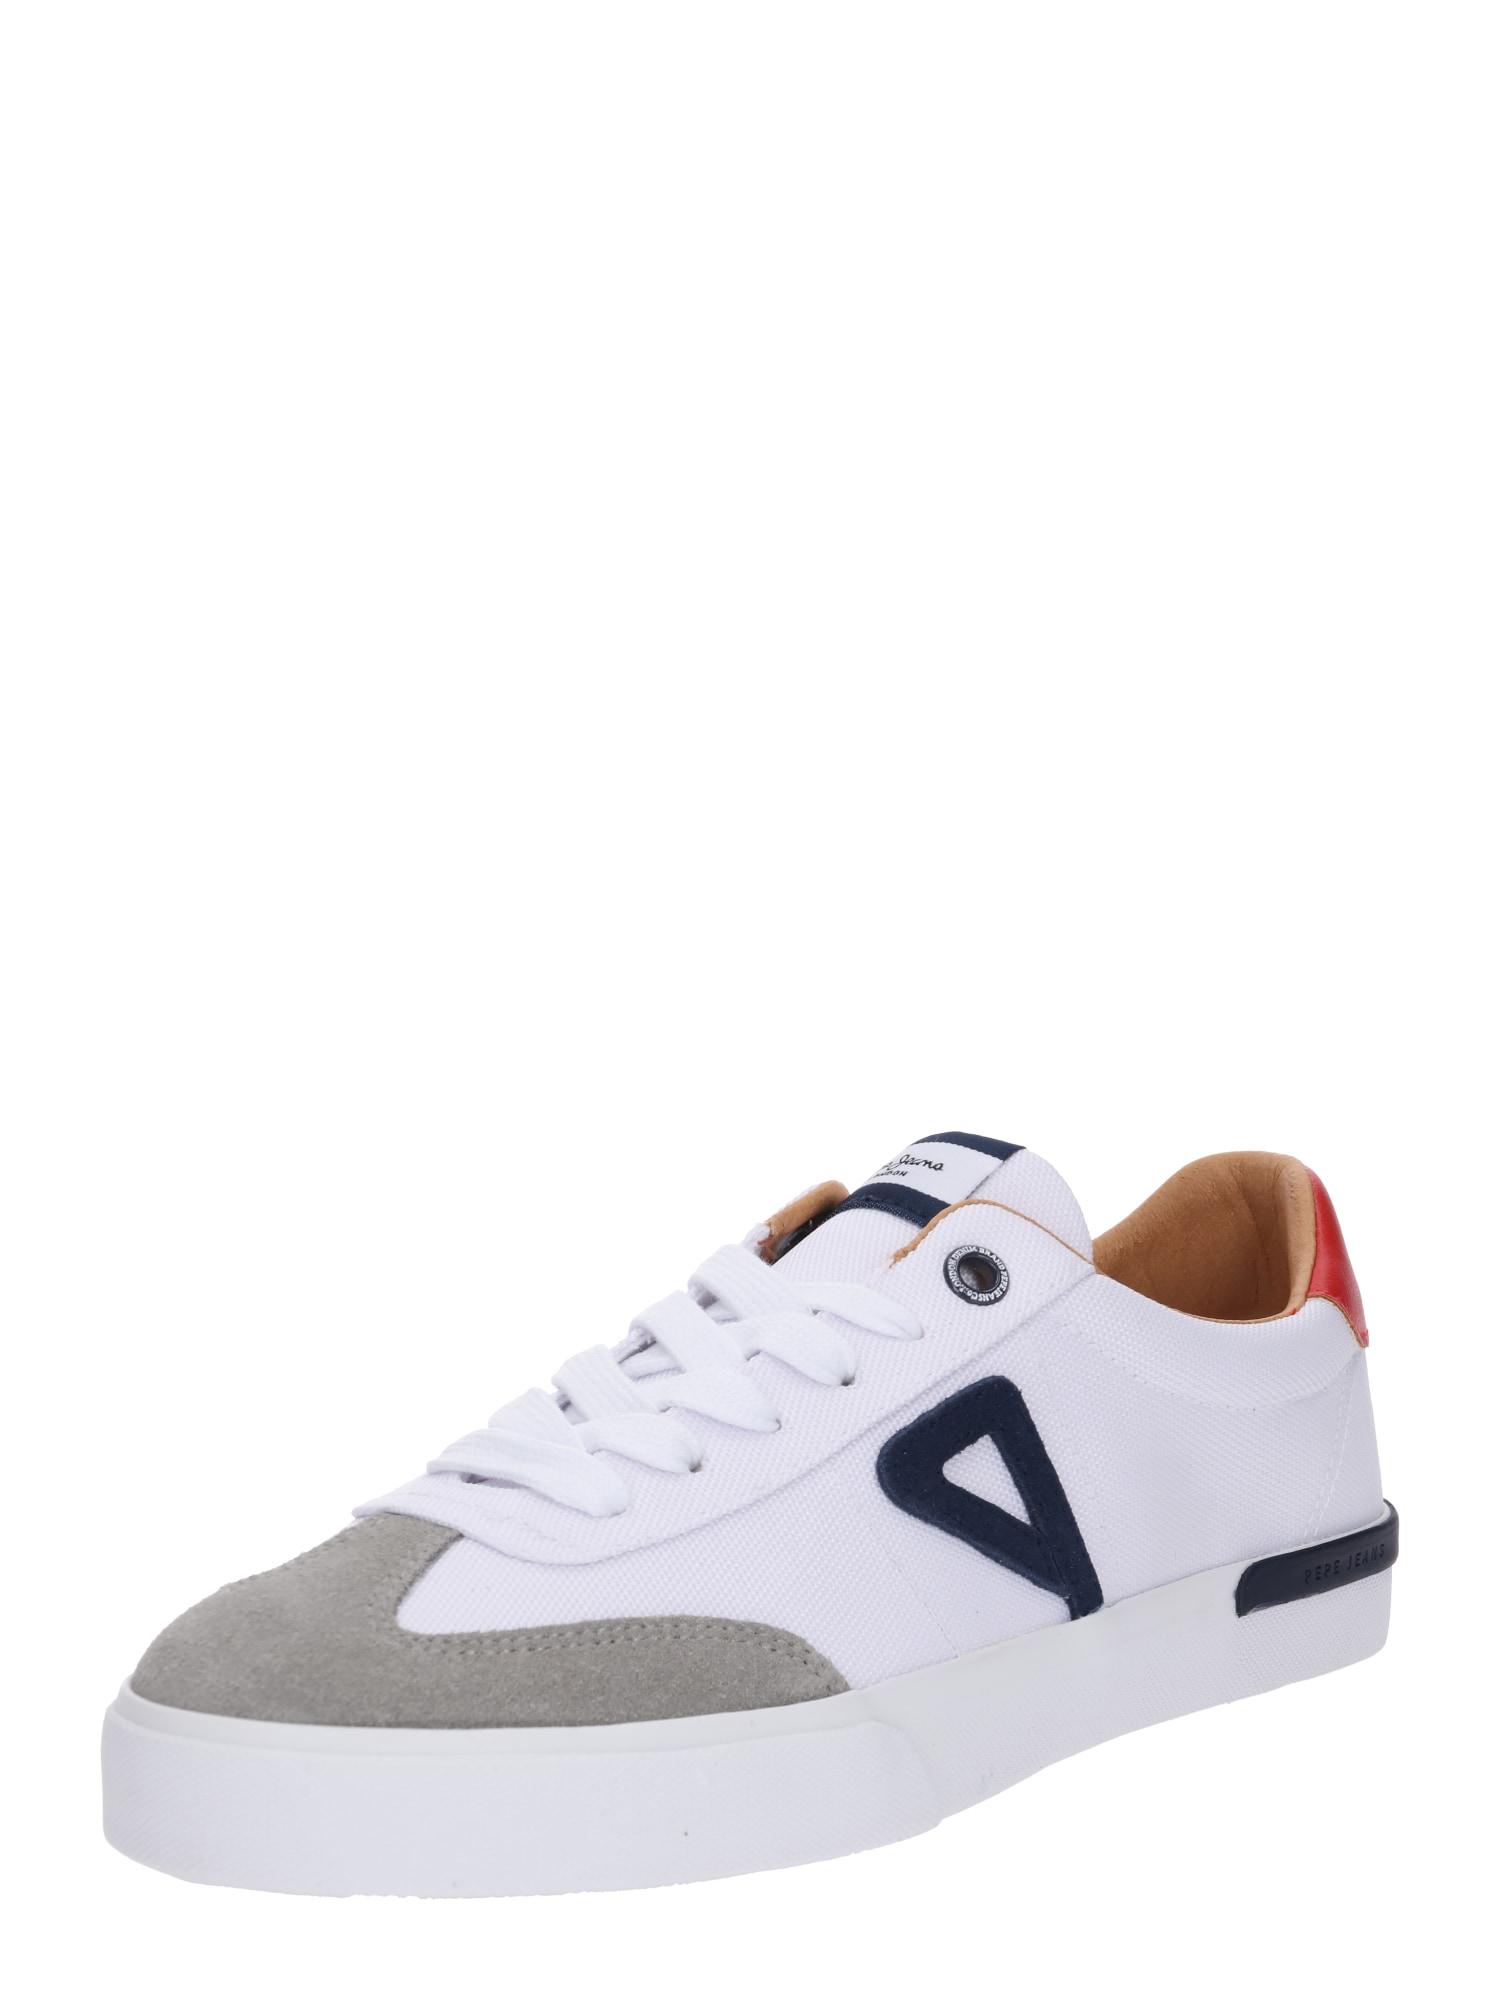 Tenisky North Archive světle šedá bílá Pepe Jeans